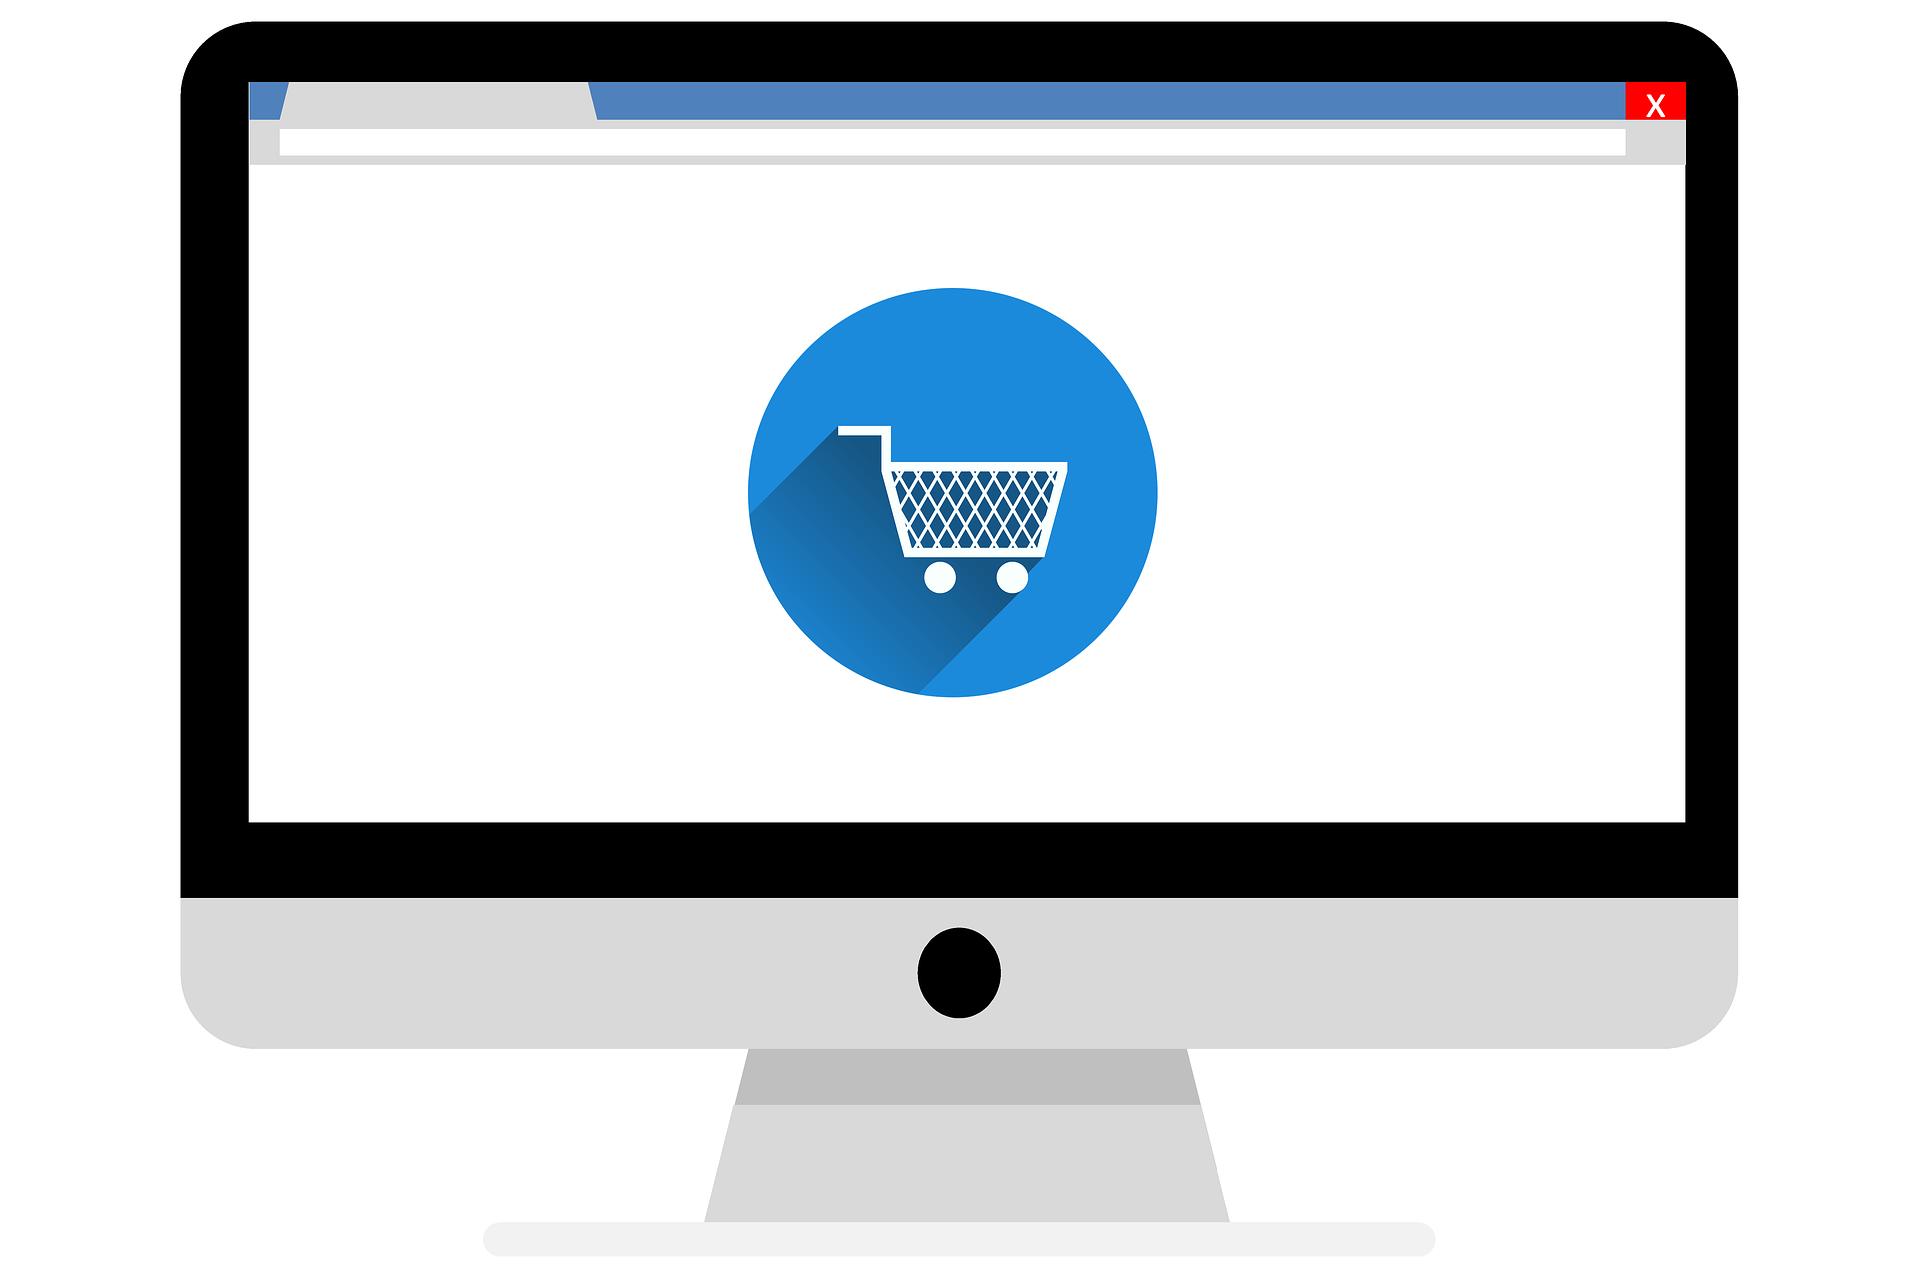 【オンライン講座】稼げるネットショップを作ろう!~プラットフォーム選びから集客まで~《11月17日(金)済》